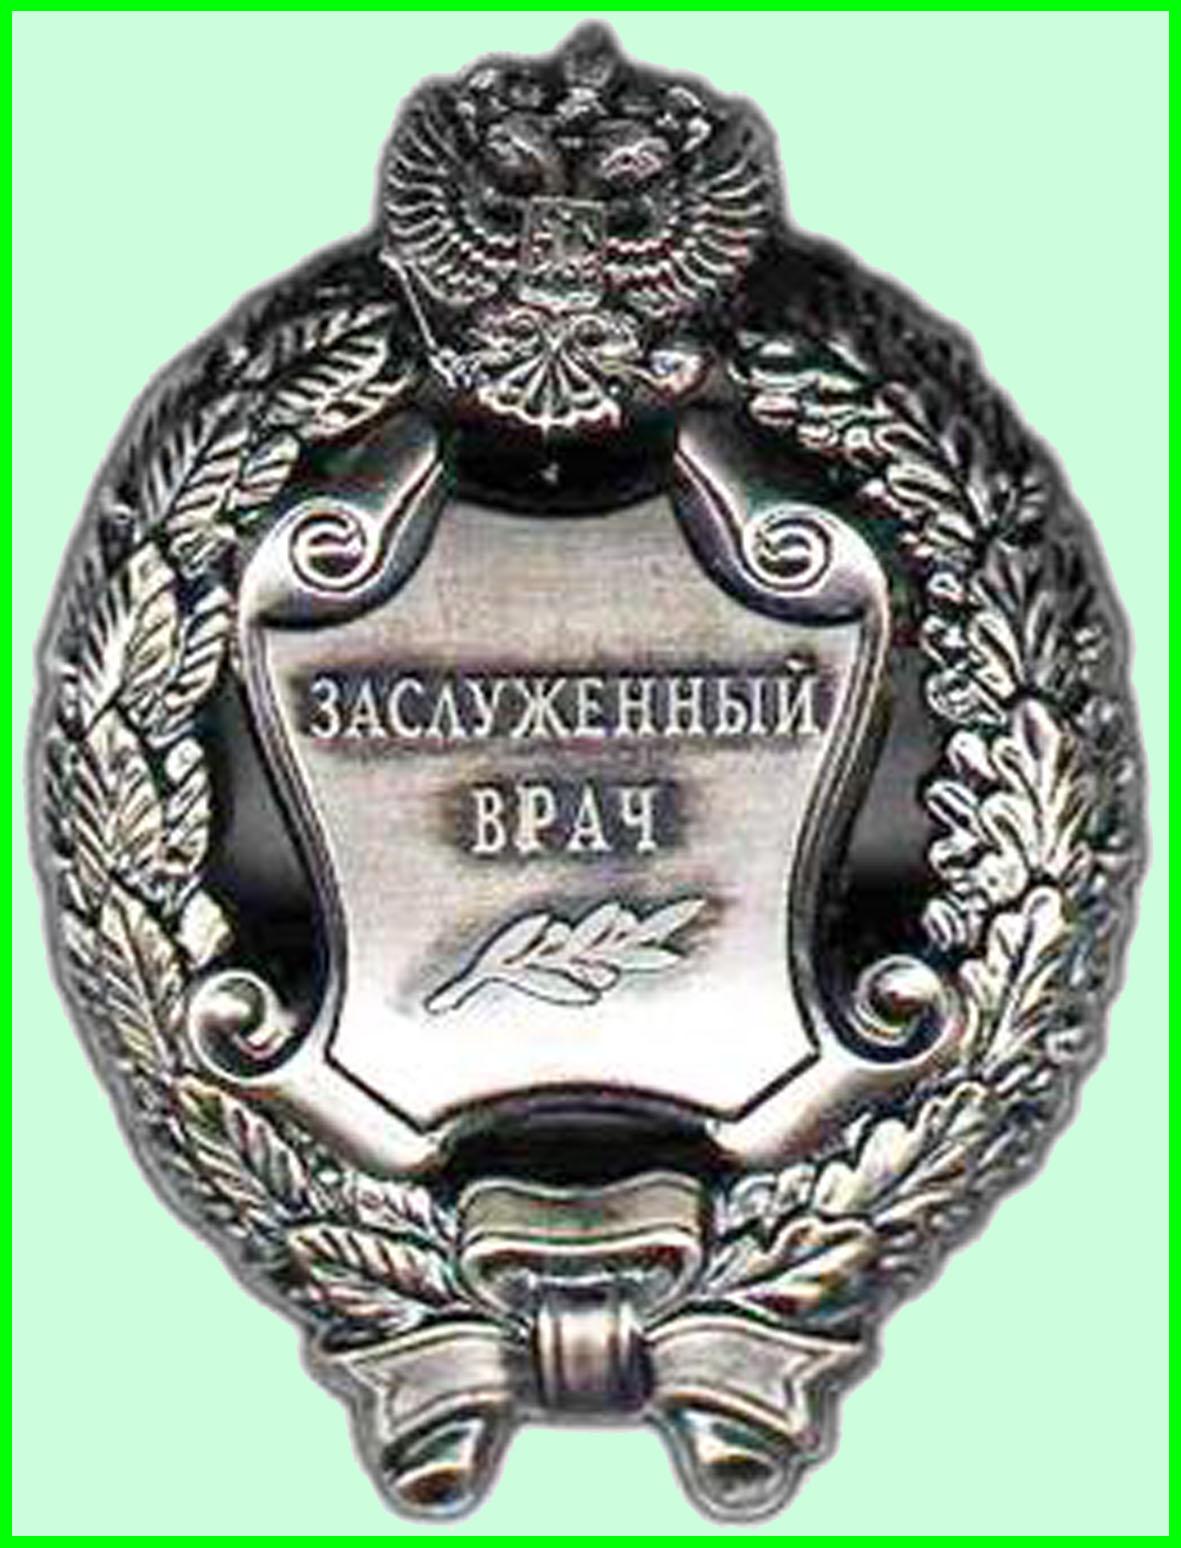 Фото ордена за заслуги в развитие медицины и здравоохранения 2